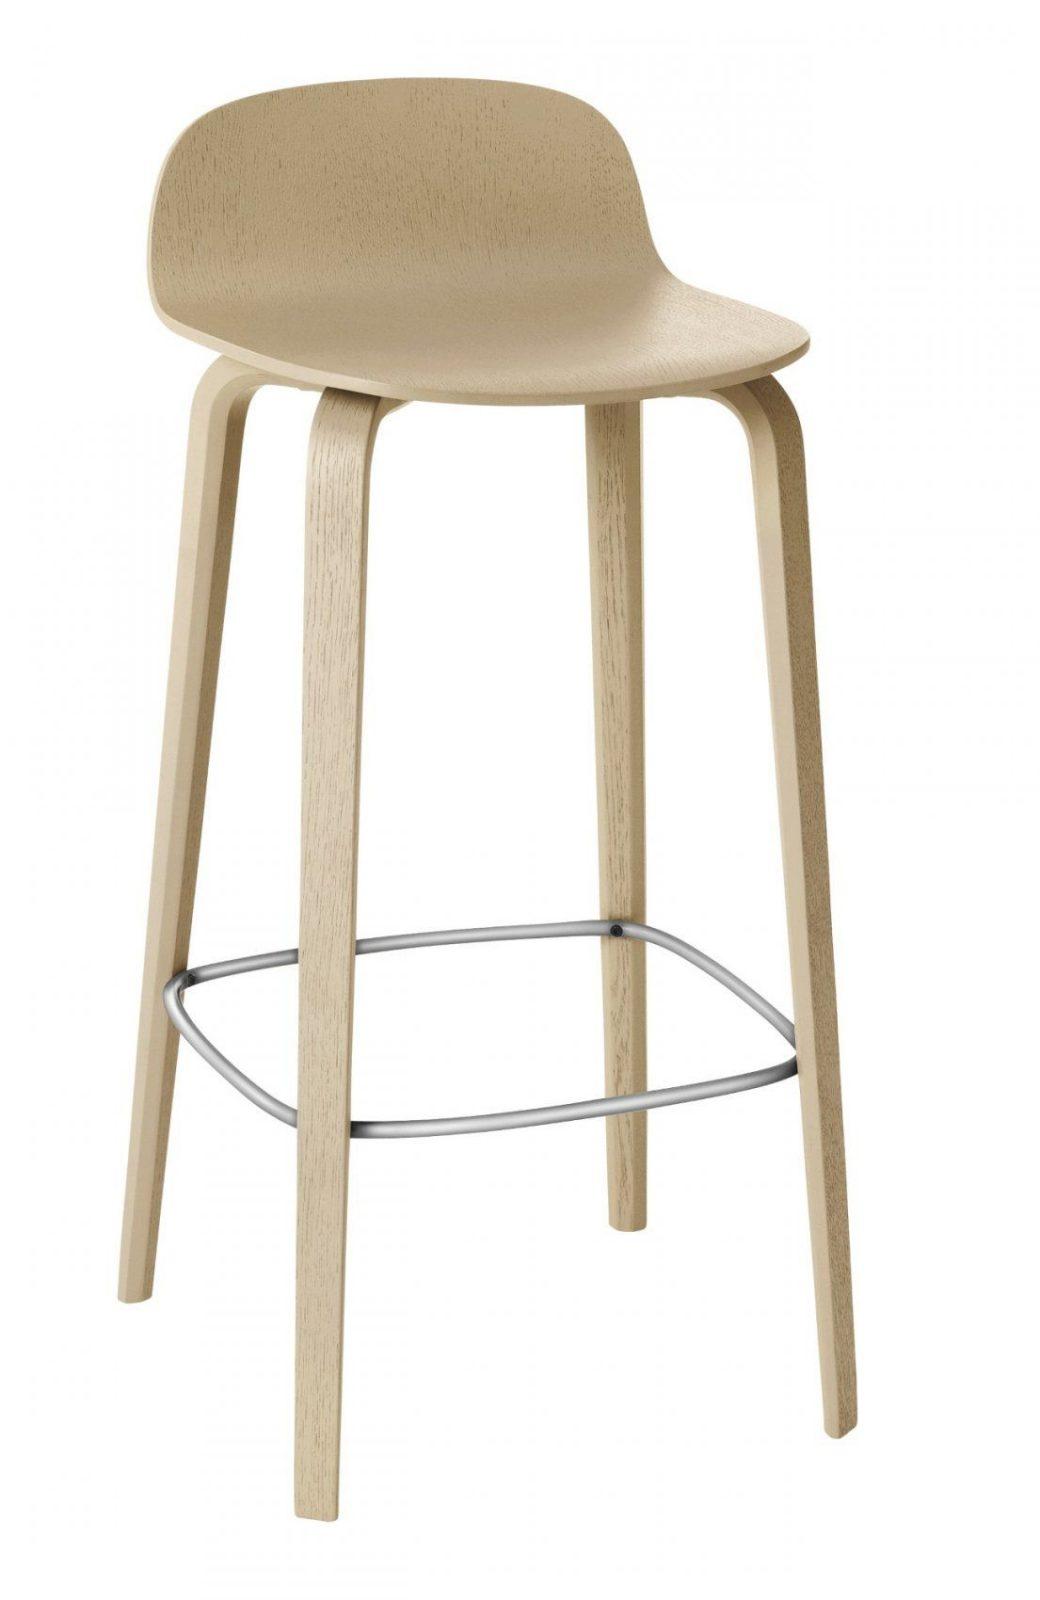 Barhocker 65 Cm – Wohndesign von Tresenhocker 60 Cm Sitzhöhe Bild